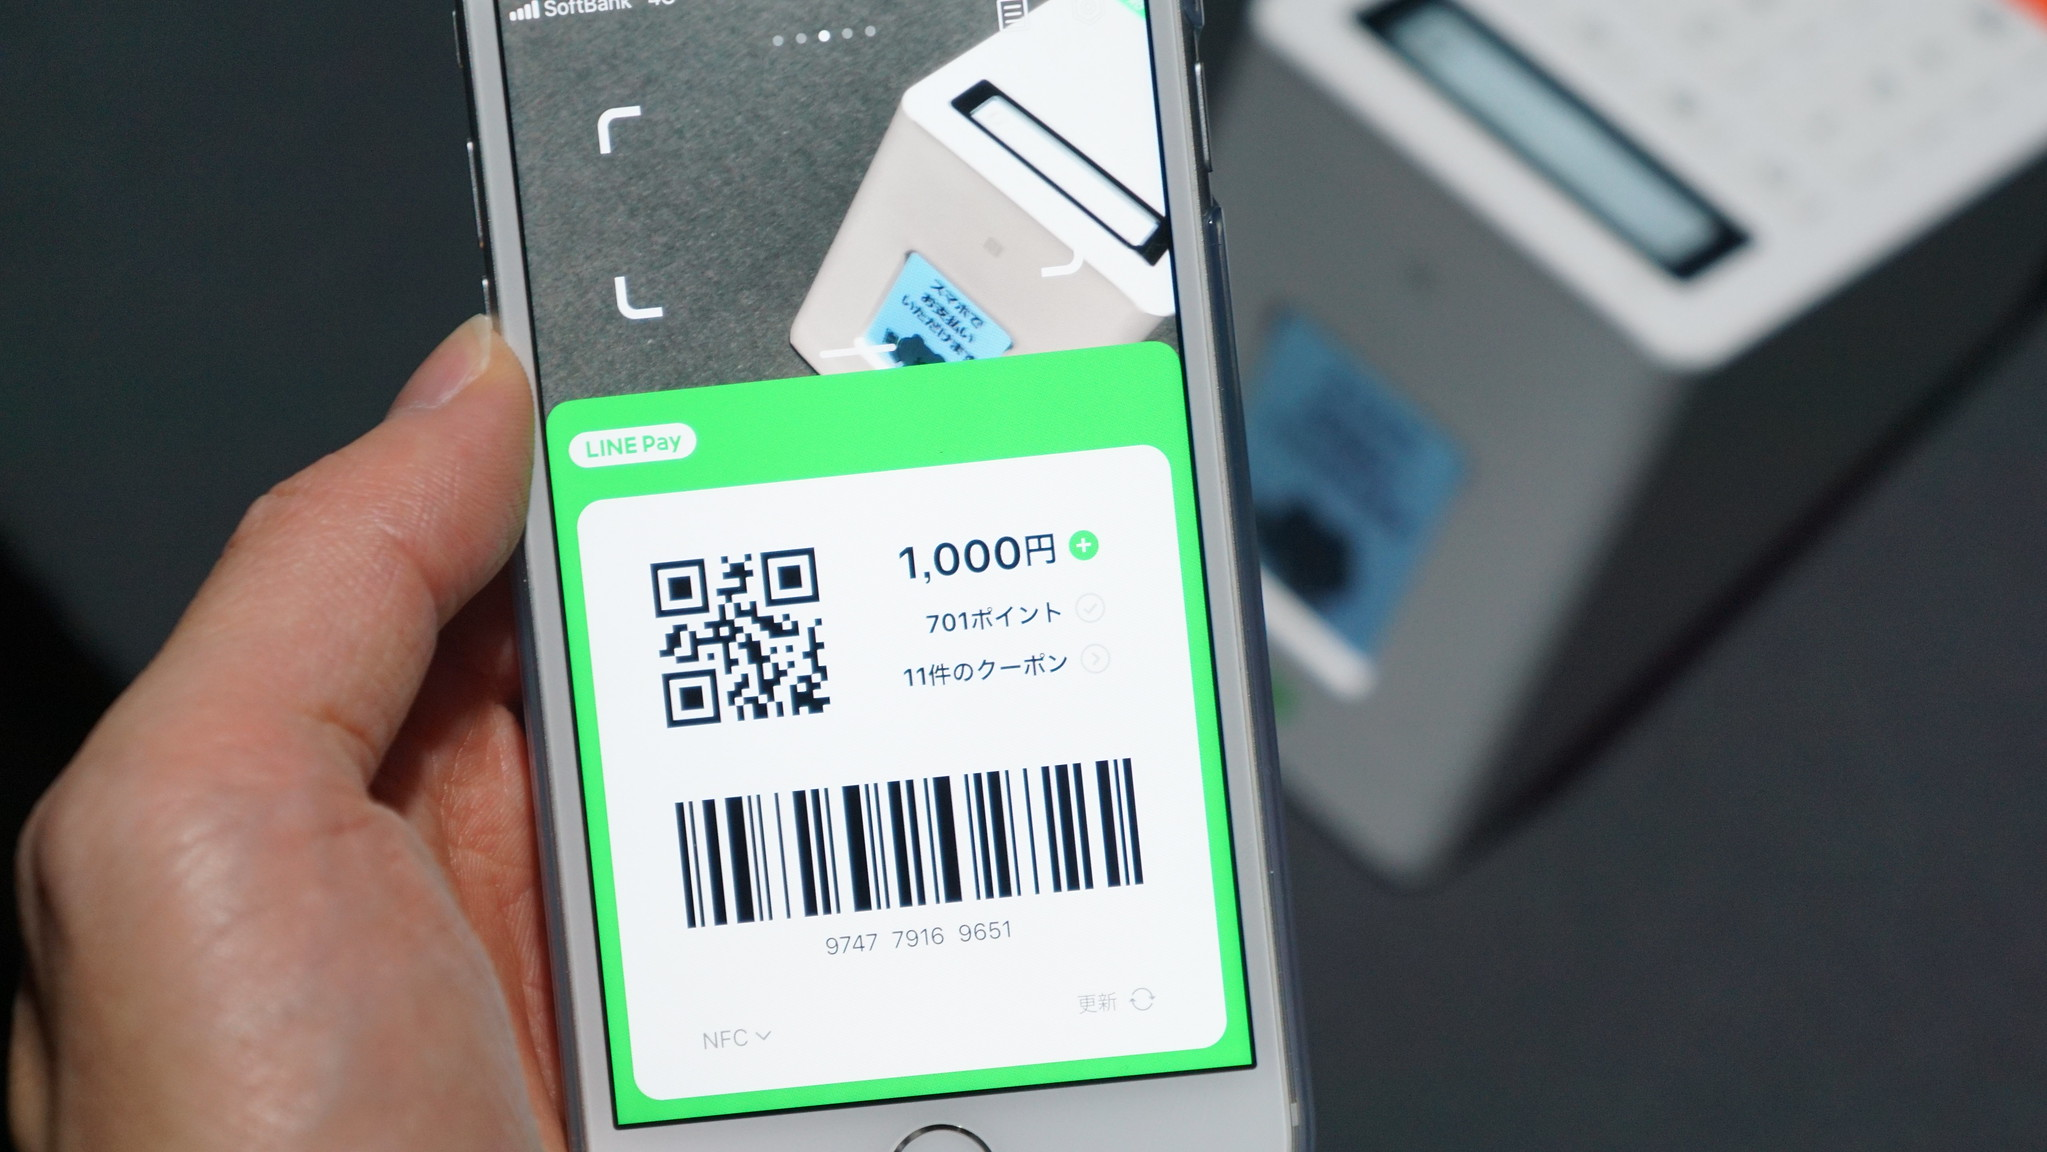 LINE Payアプリとは?